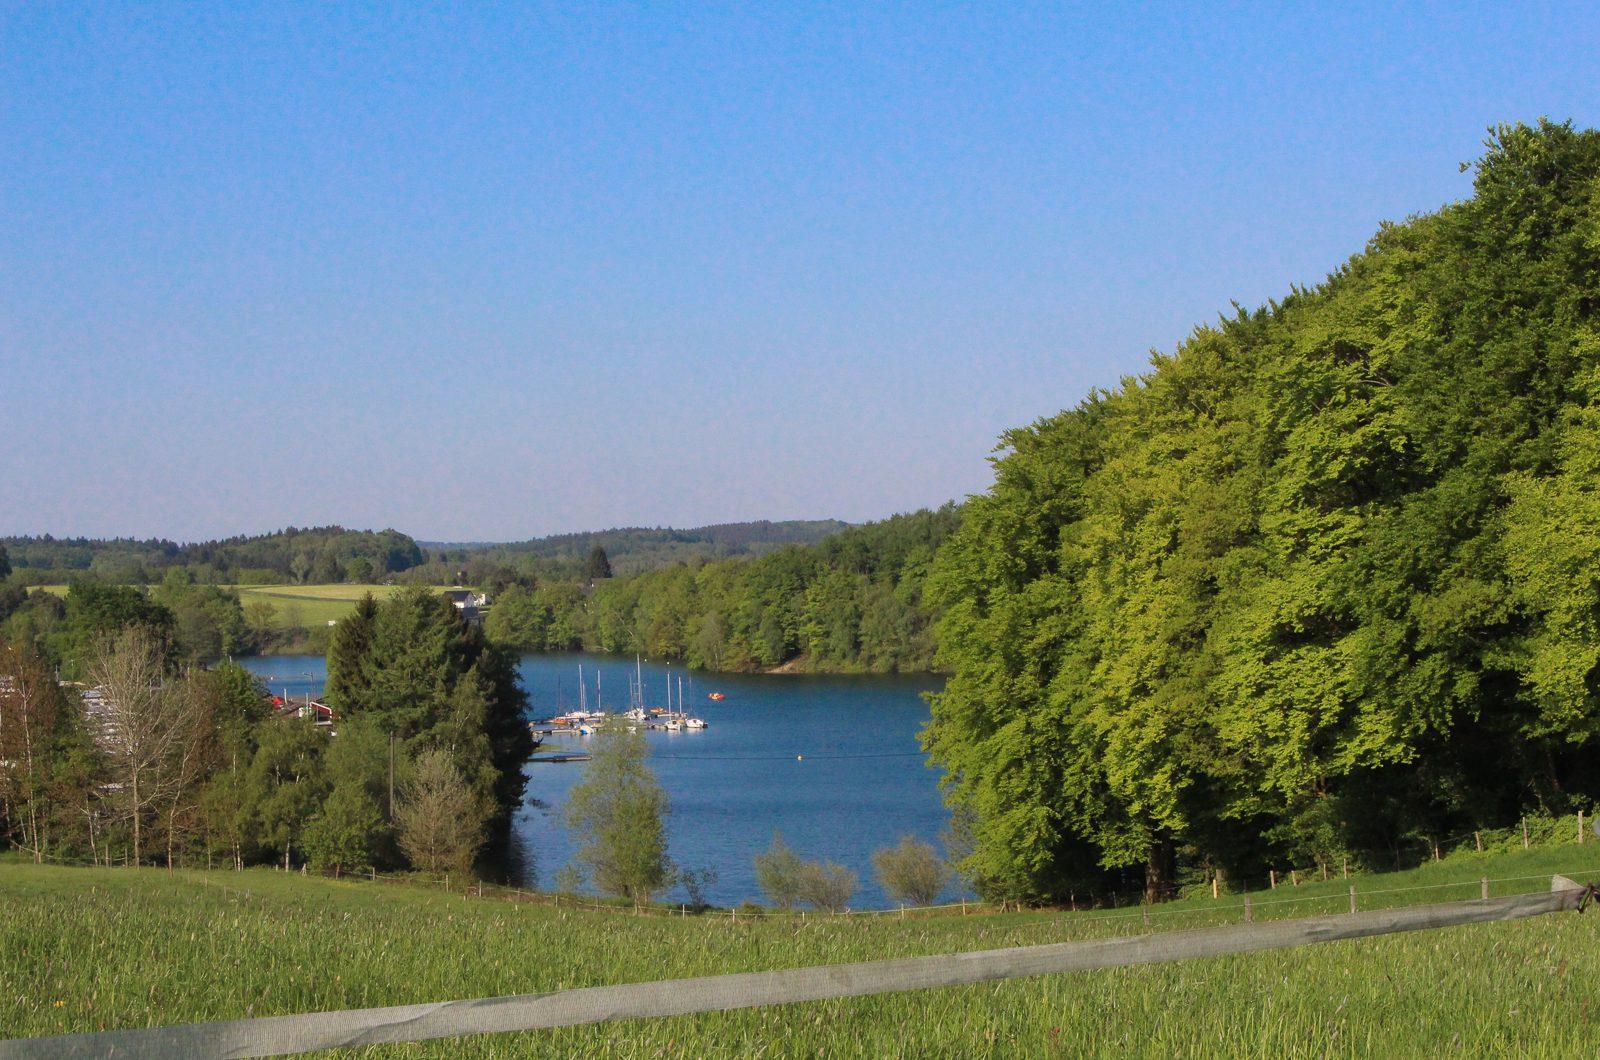 bergisches_land_cabriotour_ausflugstipps-5463